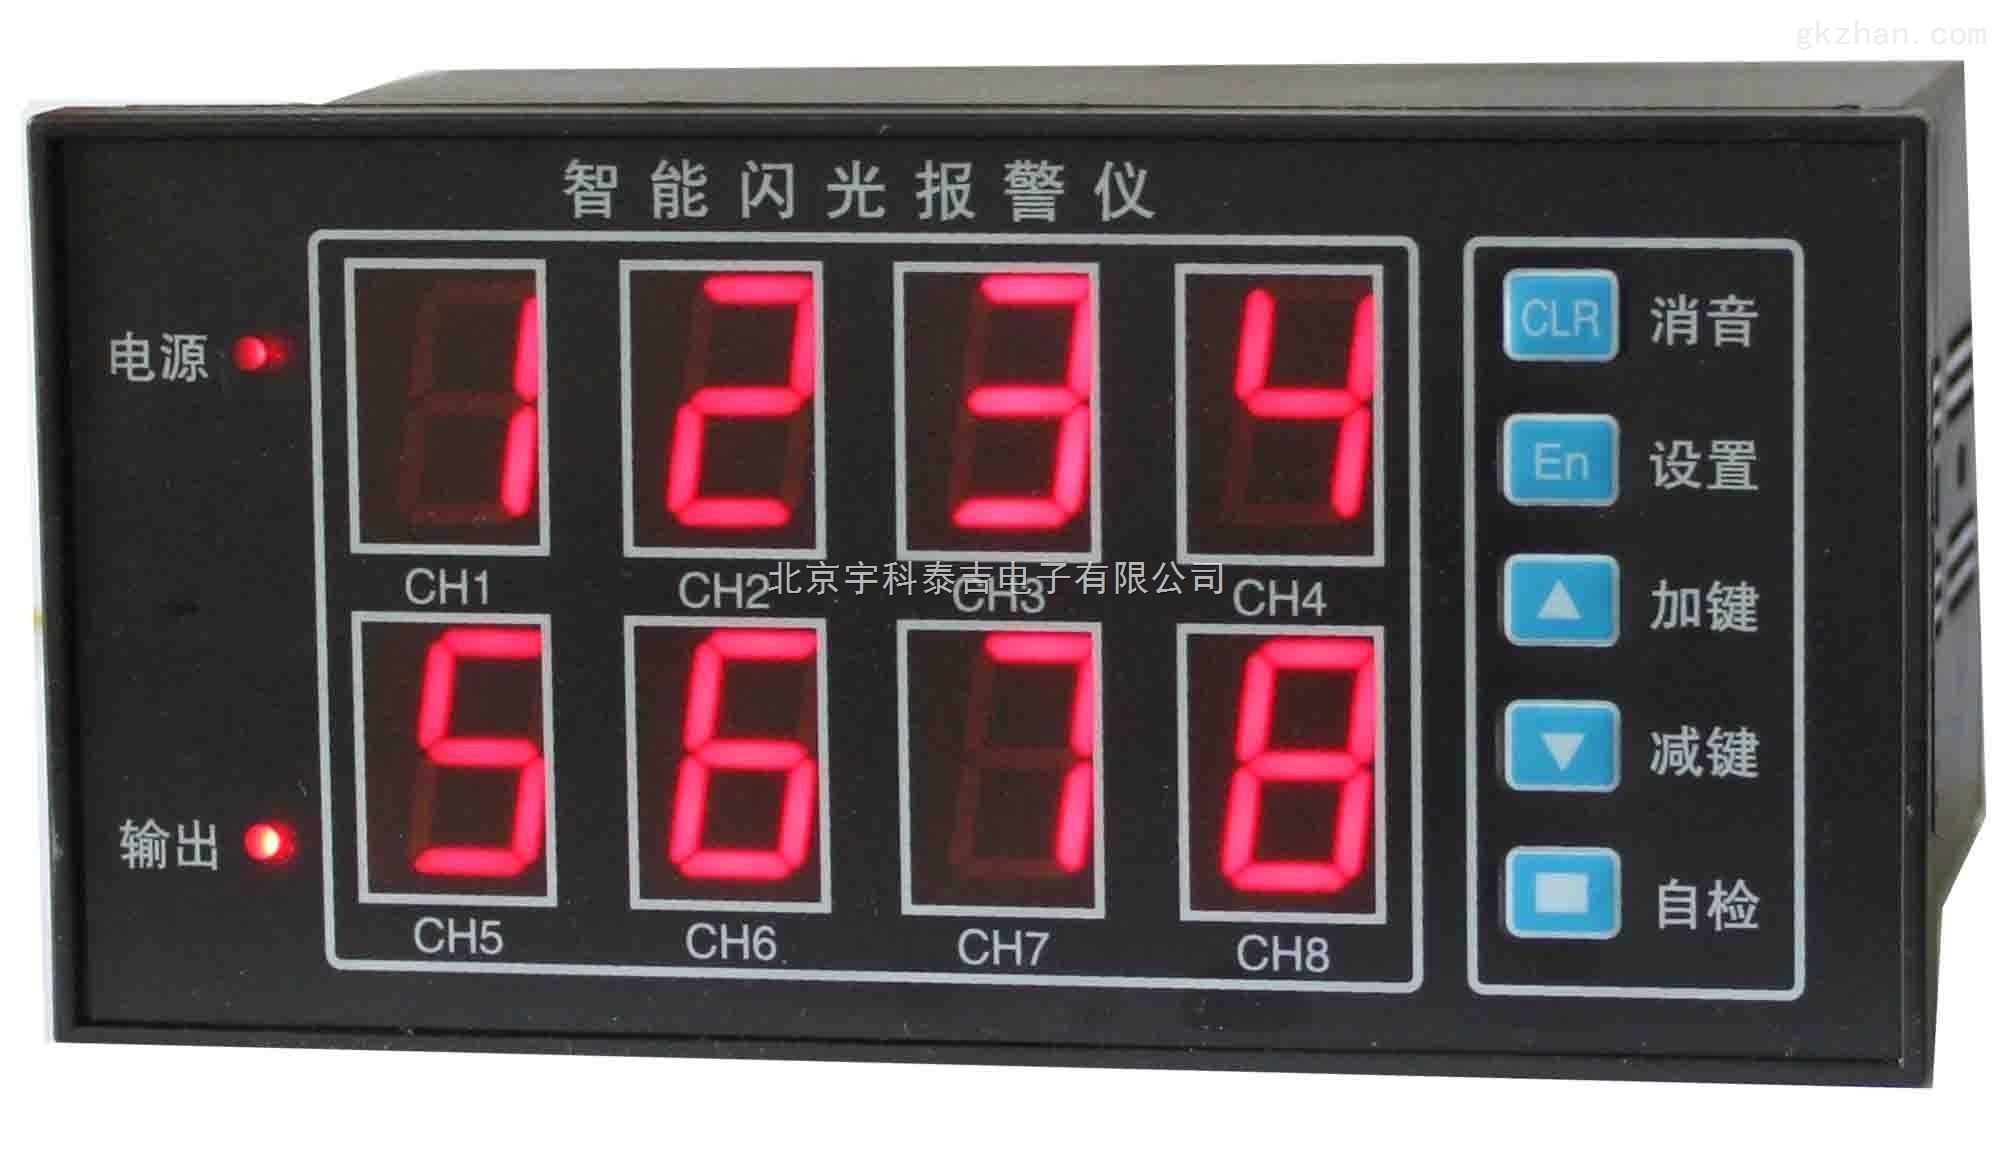 宇科泰吉YK-708A-J1-S-K智能八路通讯RS485闪光报警仪